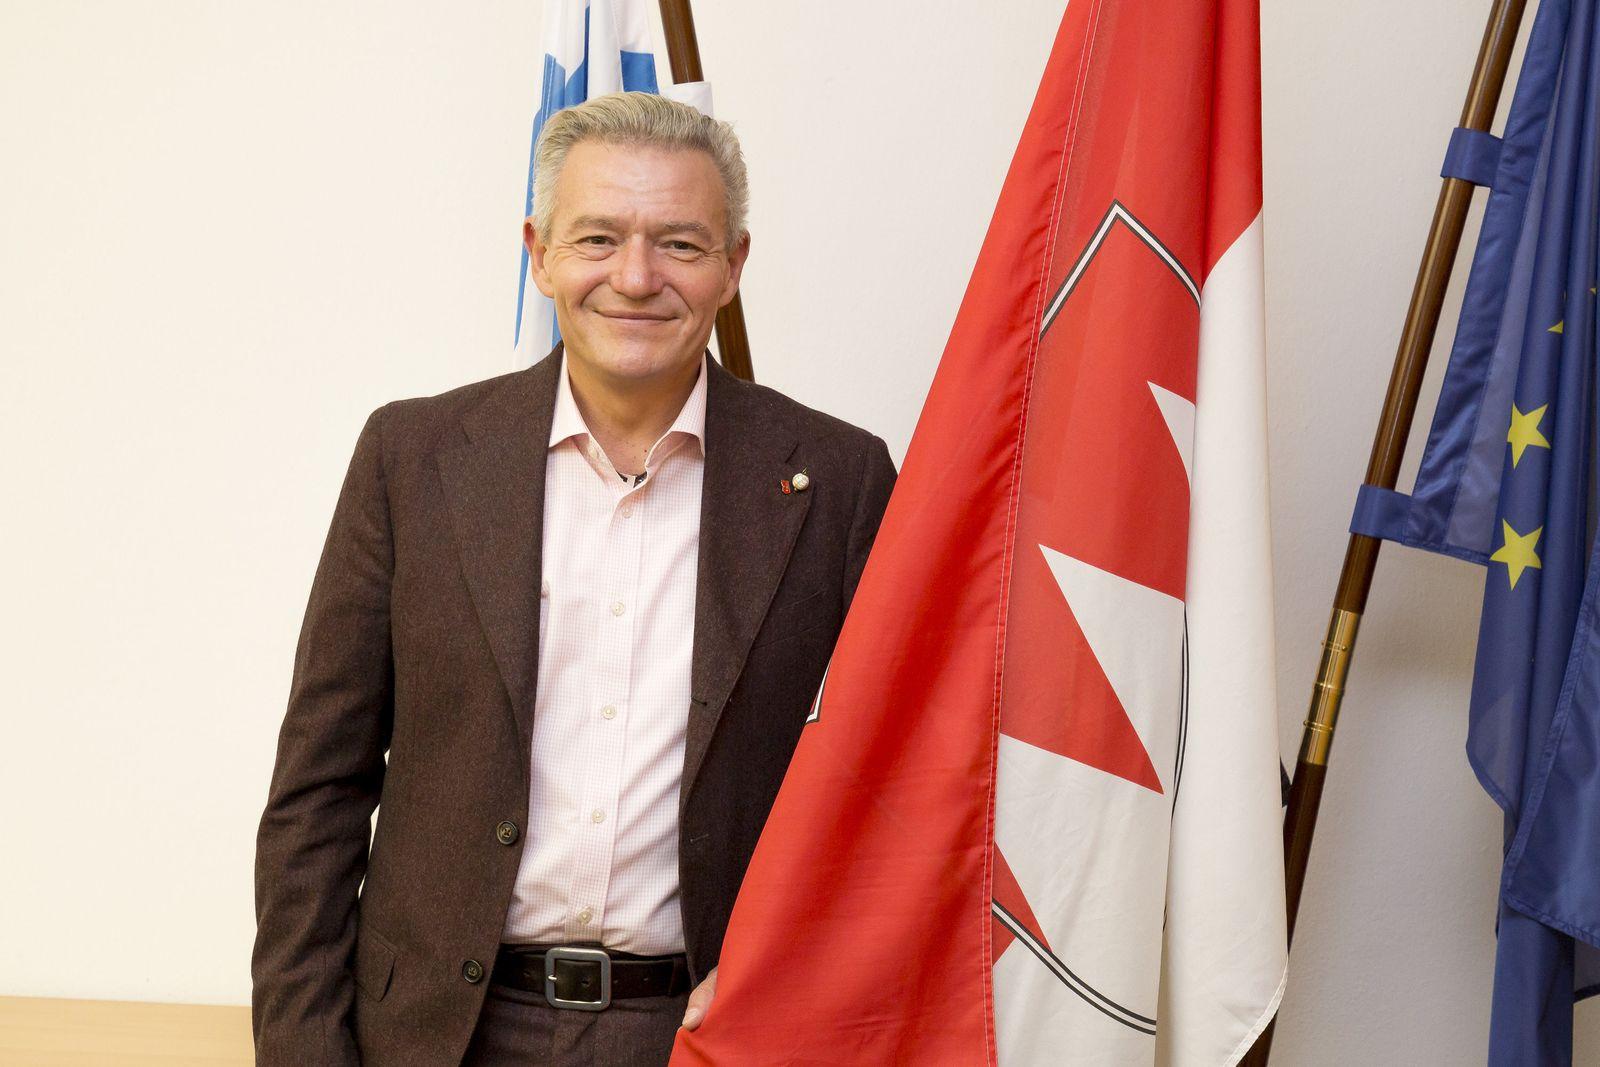 Horst Arnold